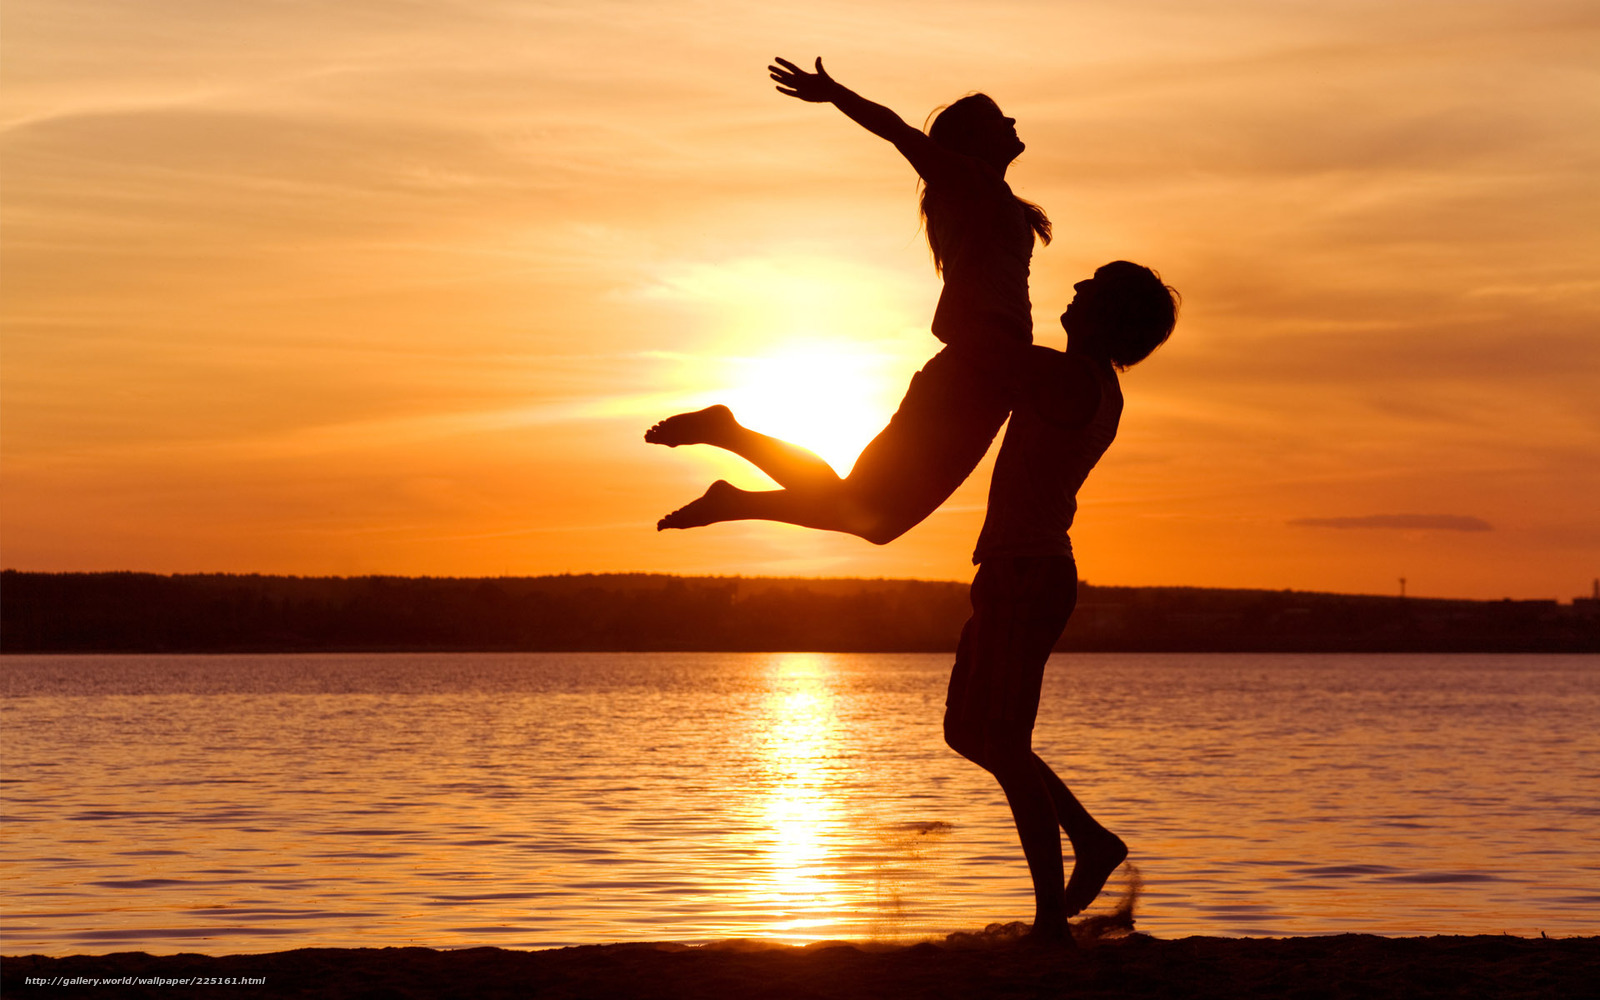 закат, любовь, свобода, чувтсво, берег, море, счастье, силуэты, наслаждение, солнце